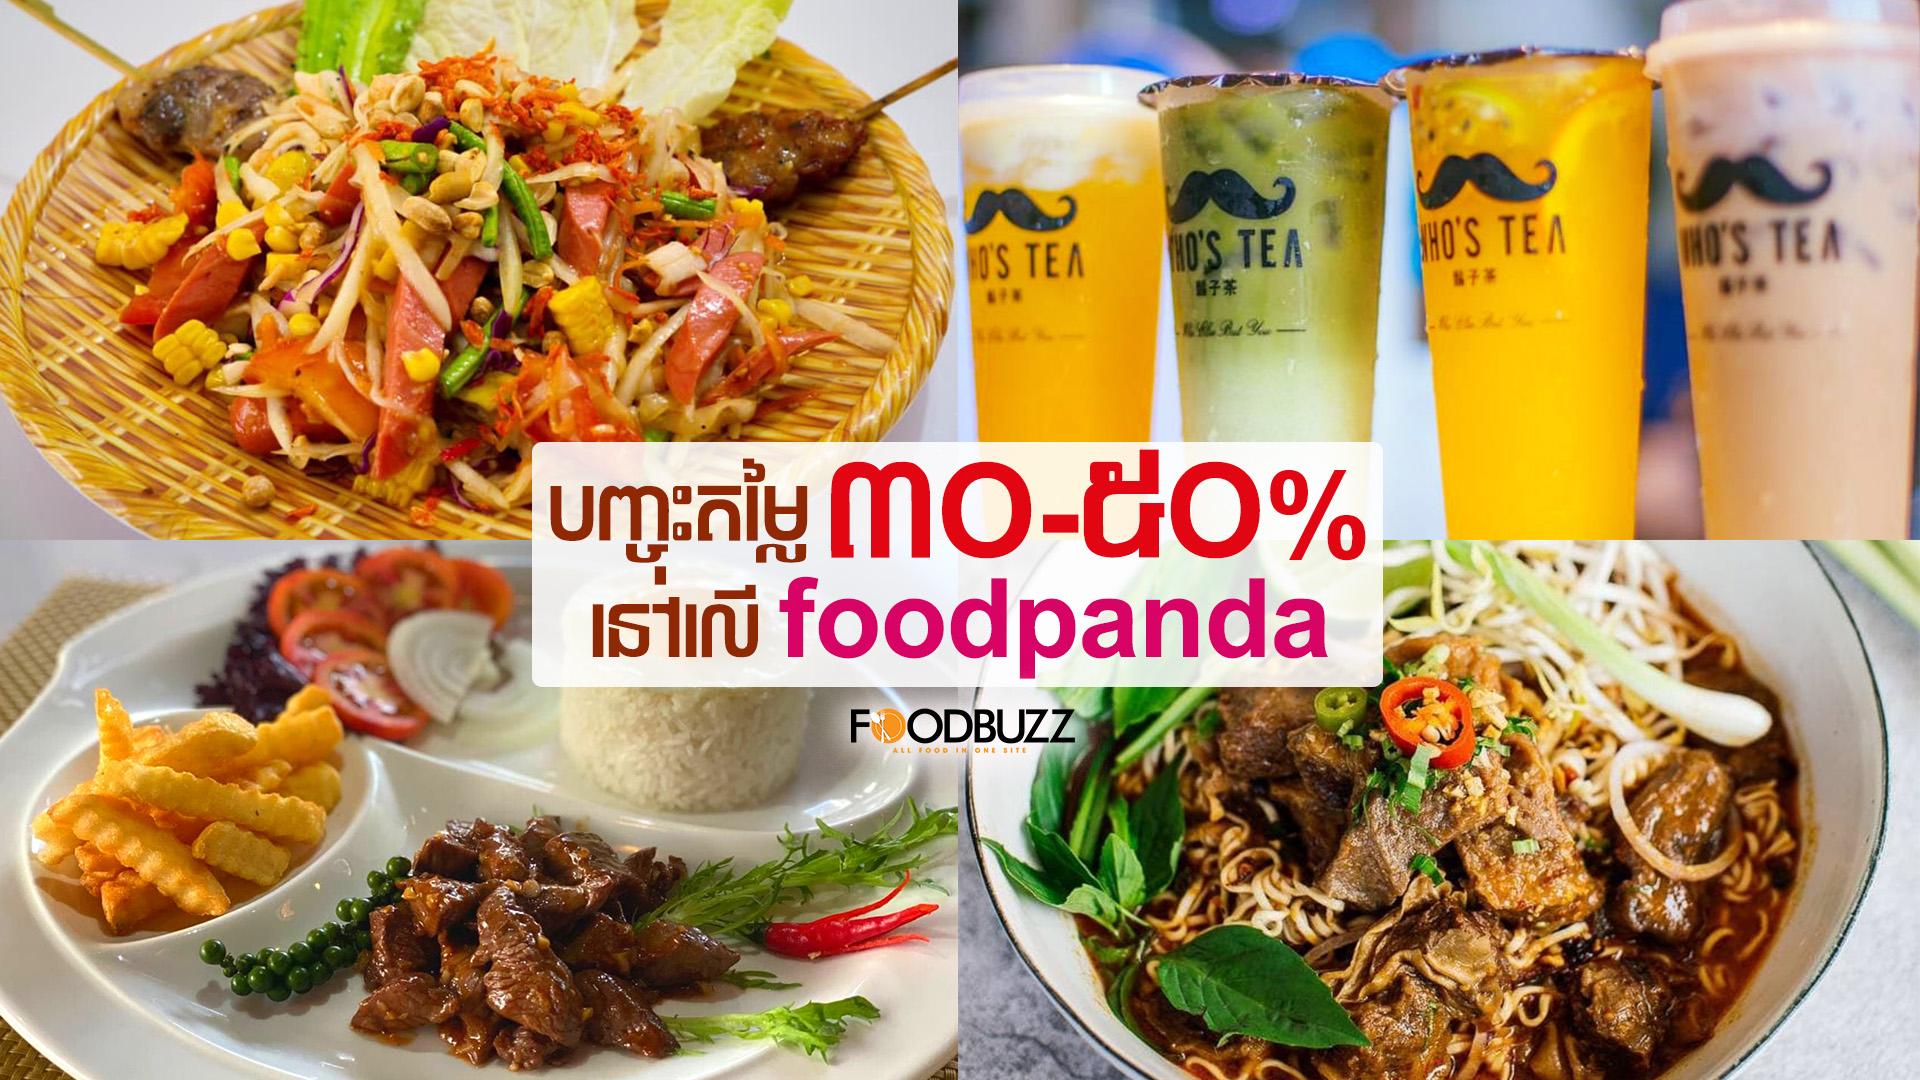 បញ្ចុះតម្លៃពី ៣០% ដល់ ៥០% ពីហាងទាំង១០នេះនៅលើ foodPanda